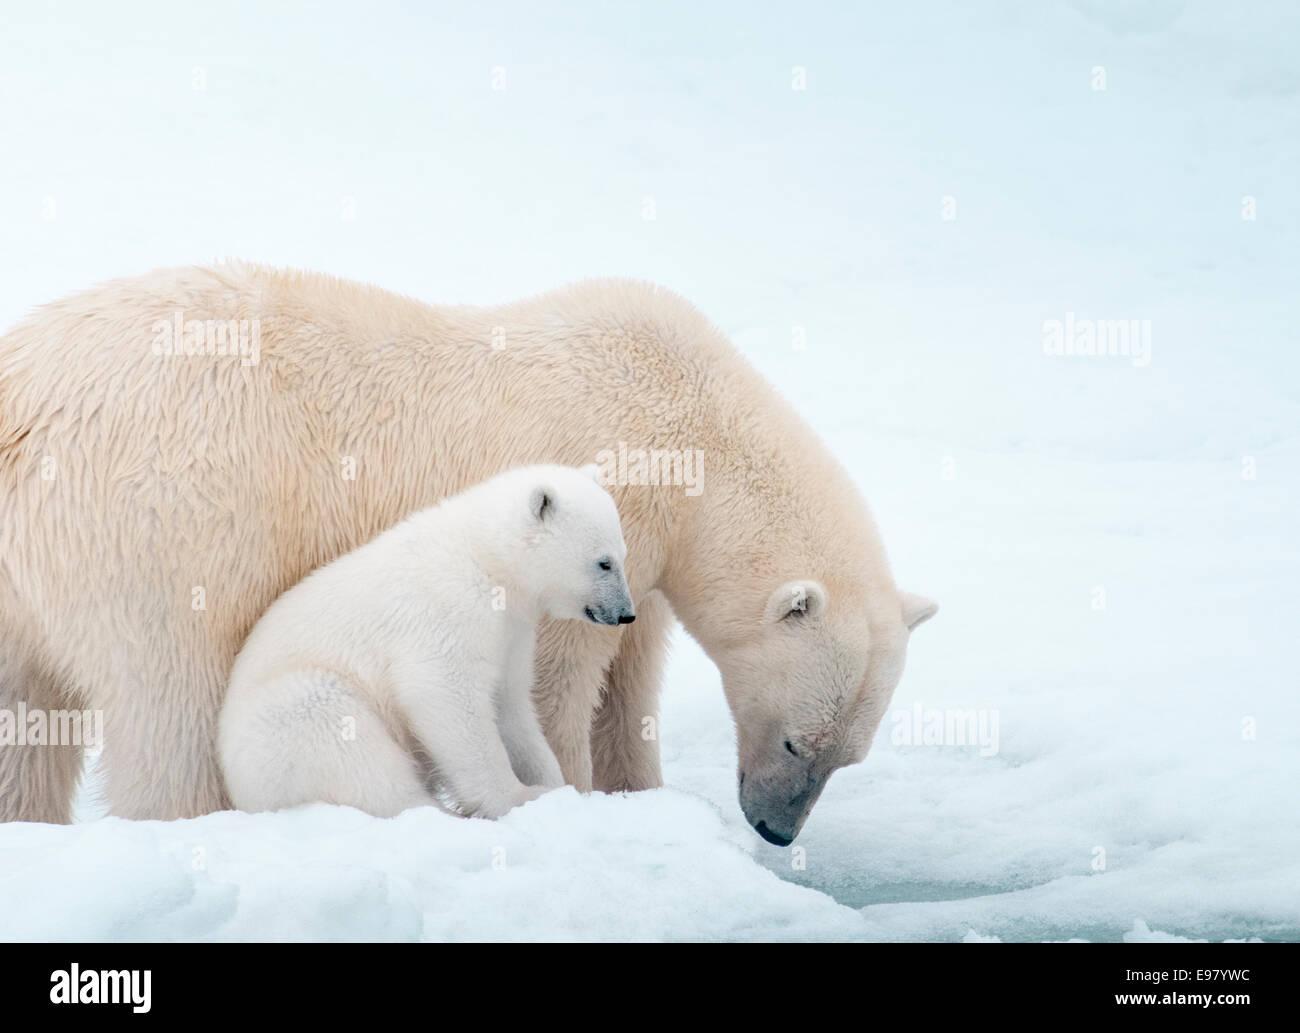 Eisbär-Mutter mit jungen dicht neben ihr, Ursus Maritimus, Olgastretet Packeis, Spitzbergen, Svalbard-Archipel, Stockbild